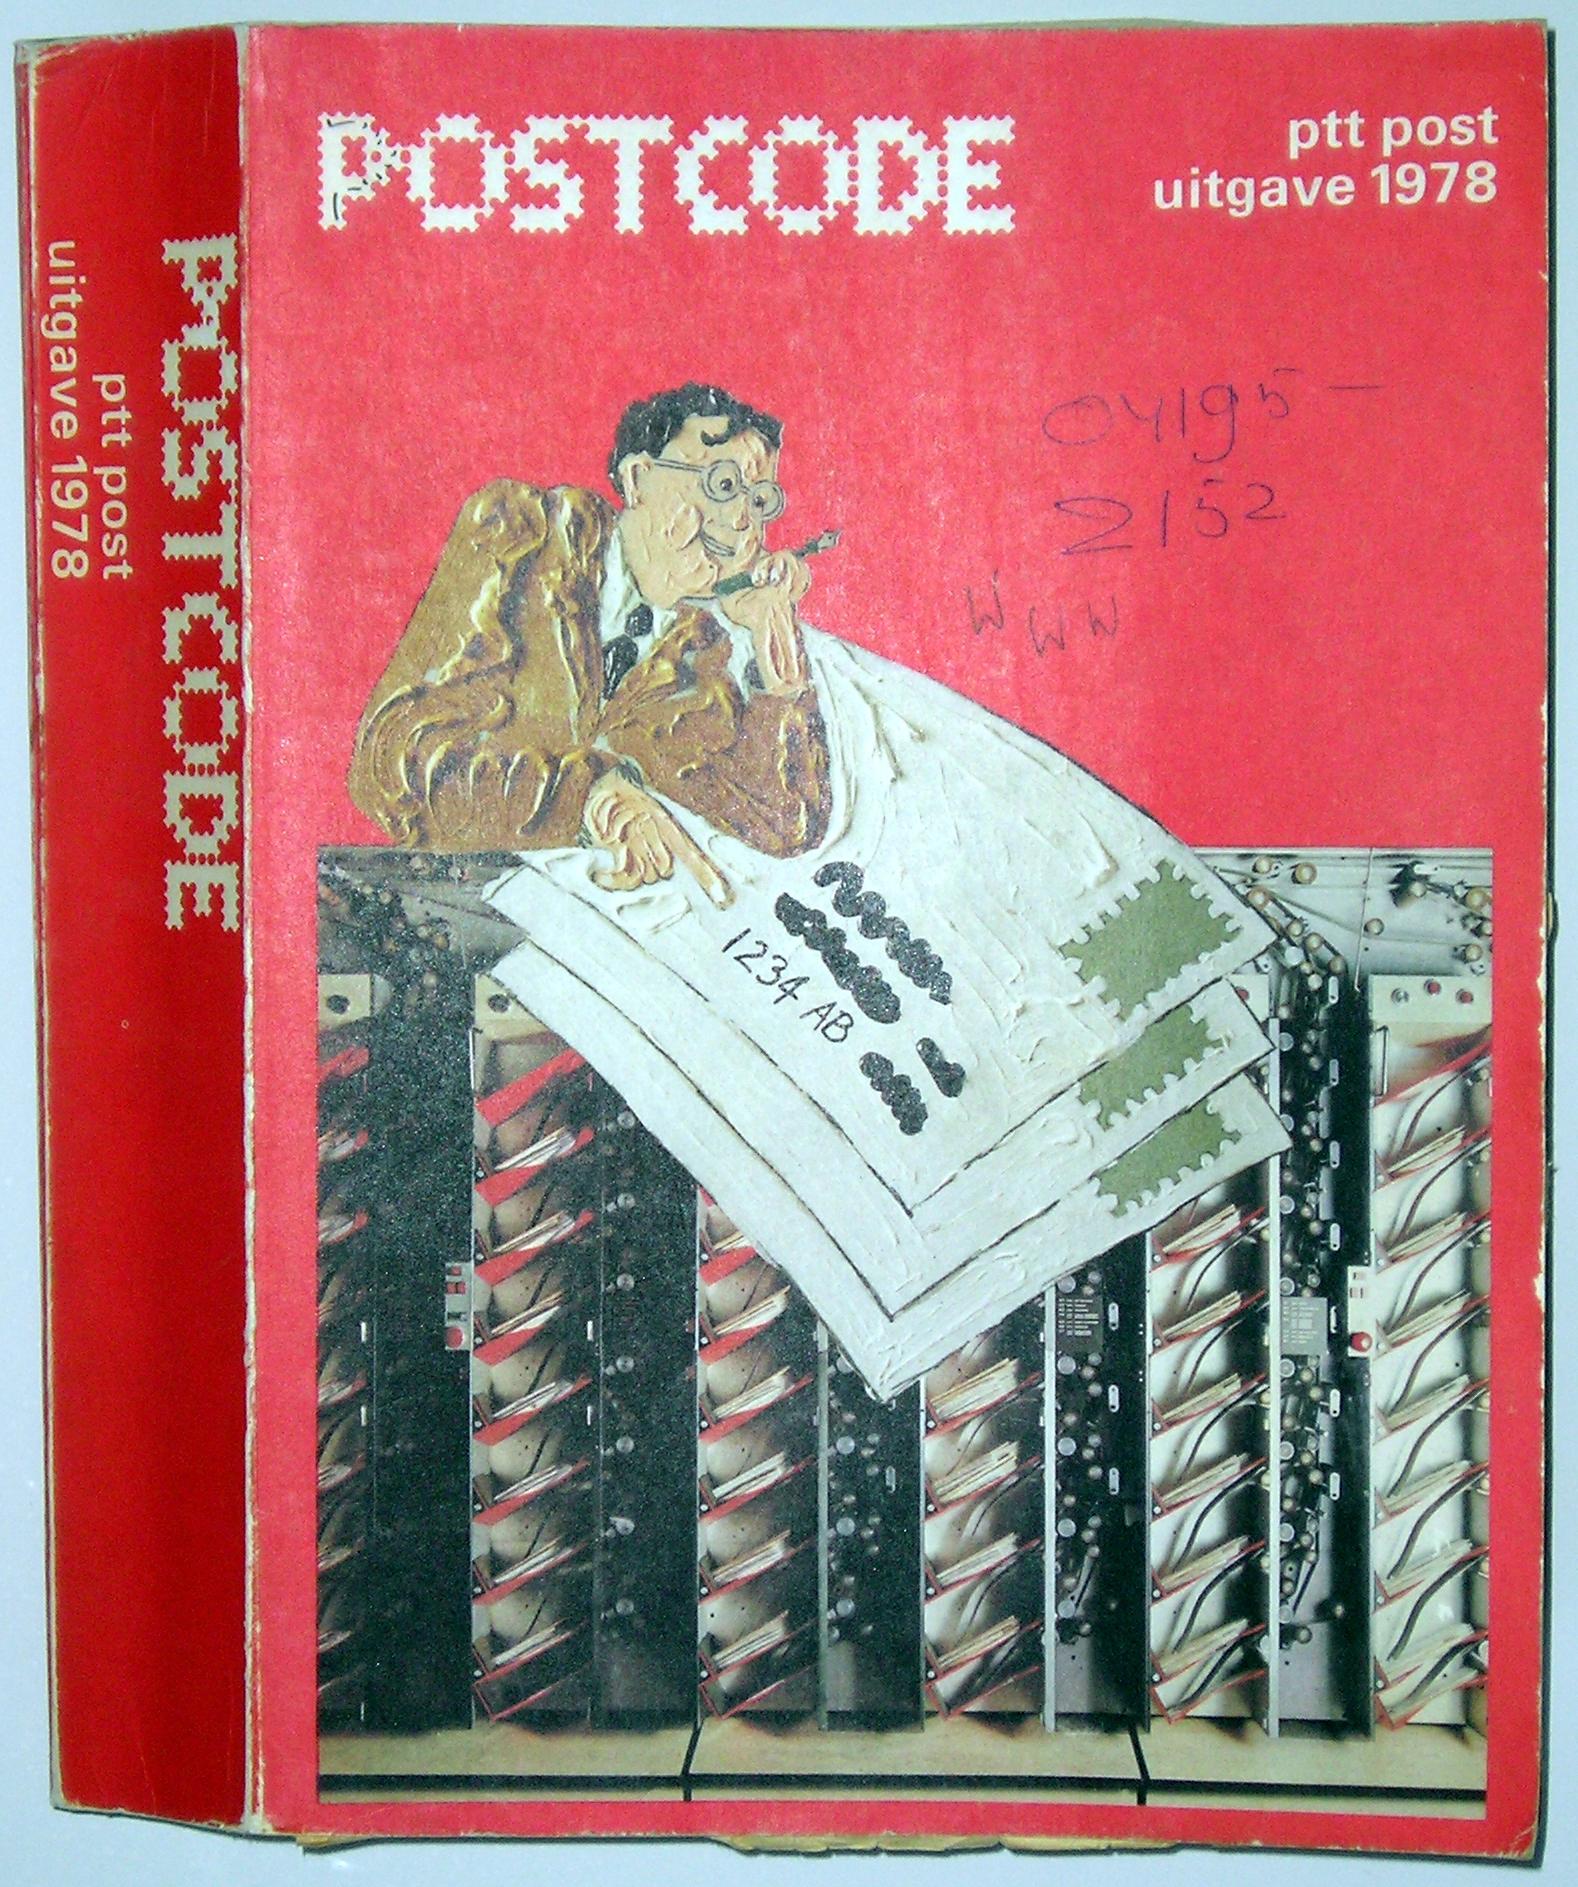 Цифро Буквенный Код